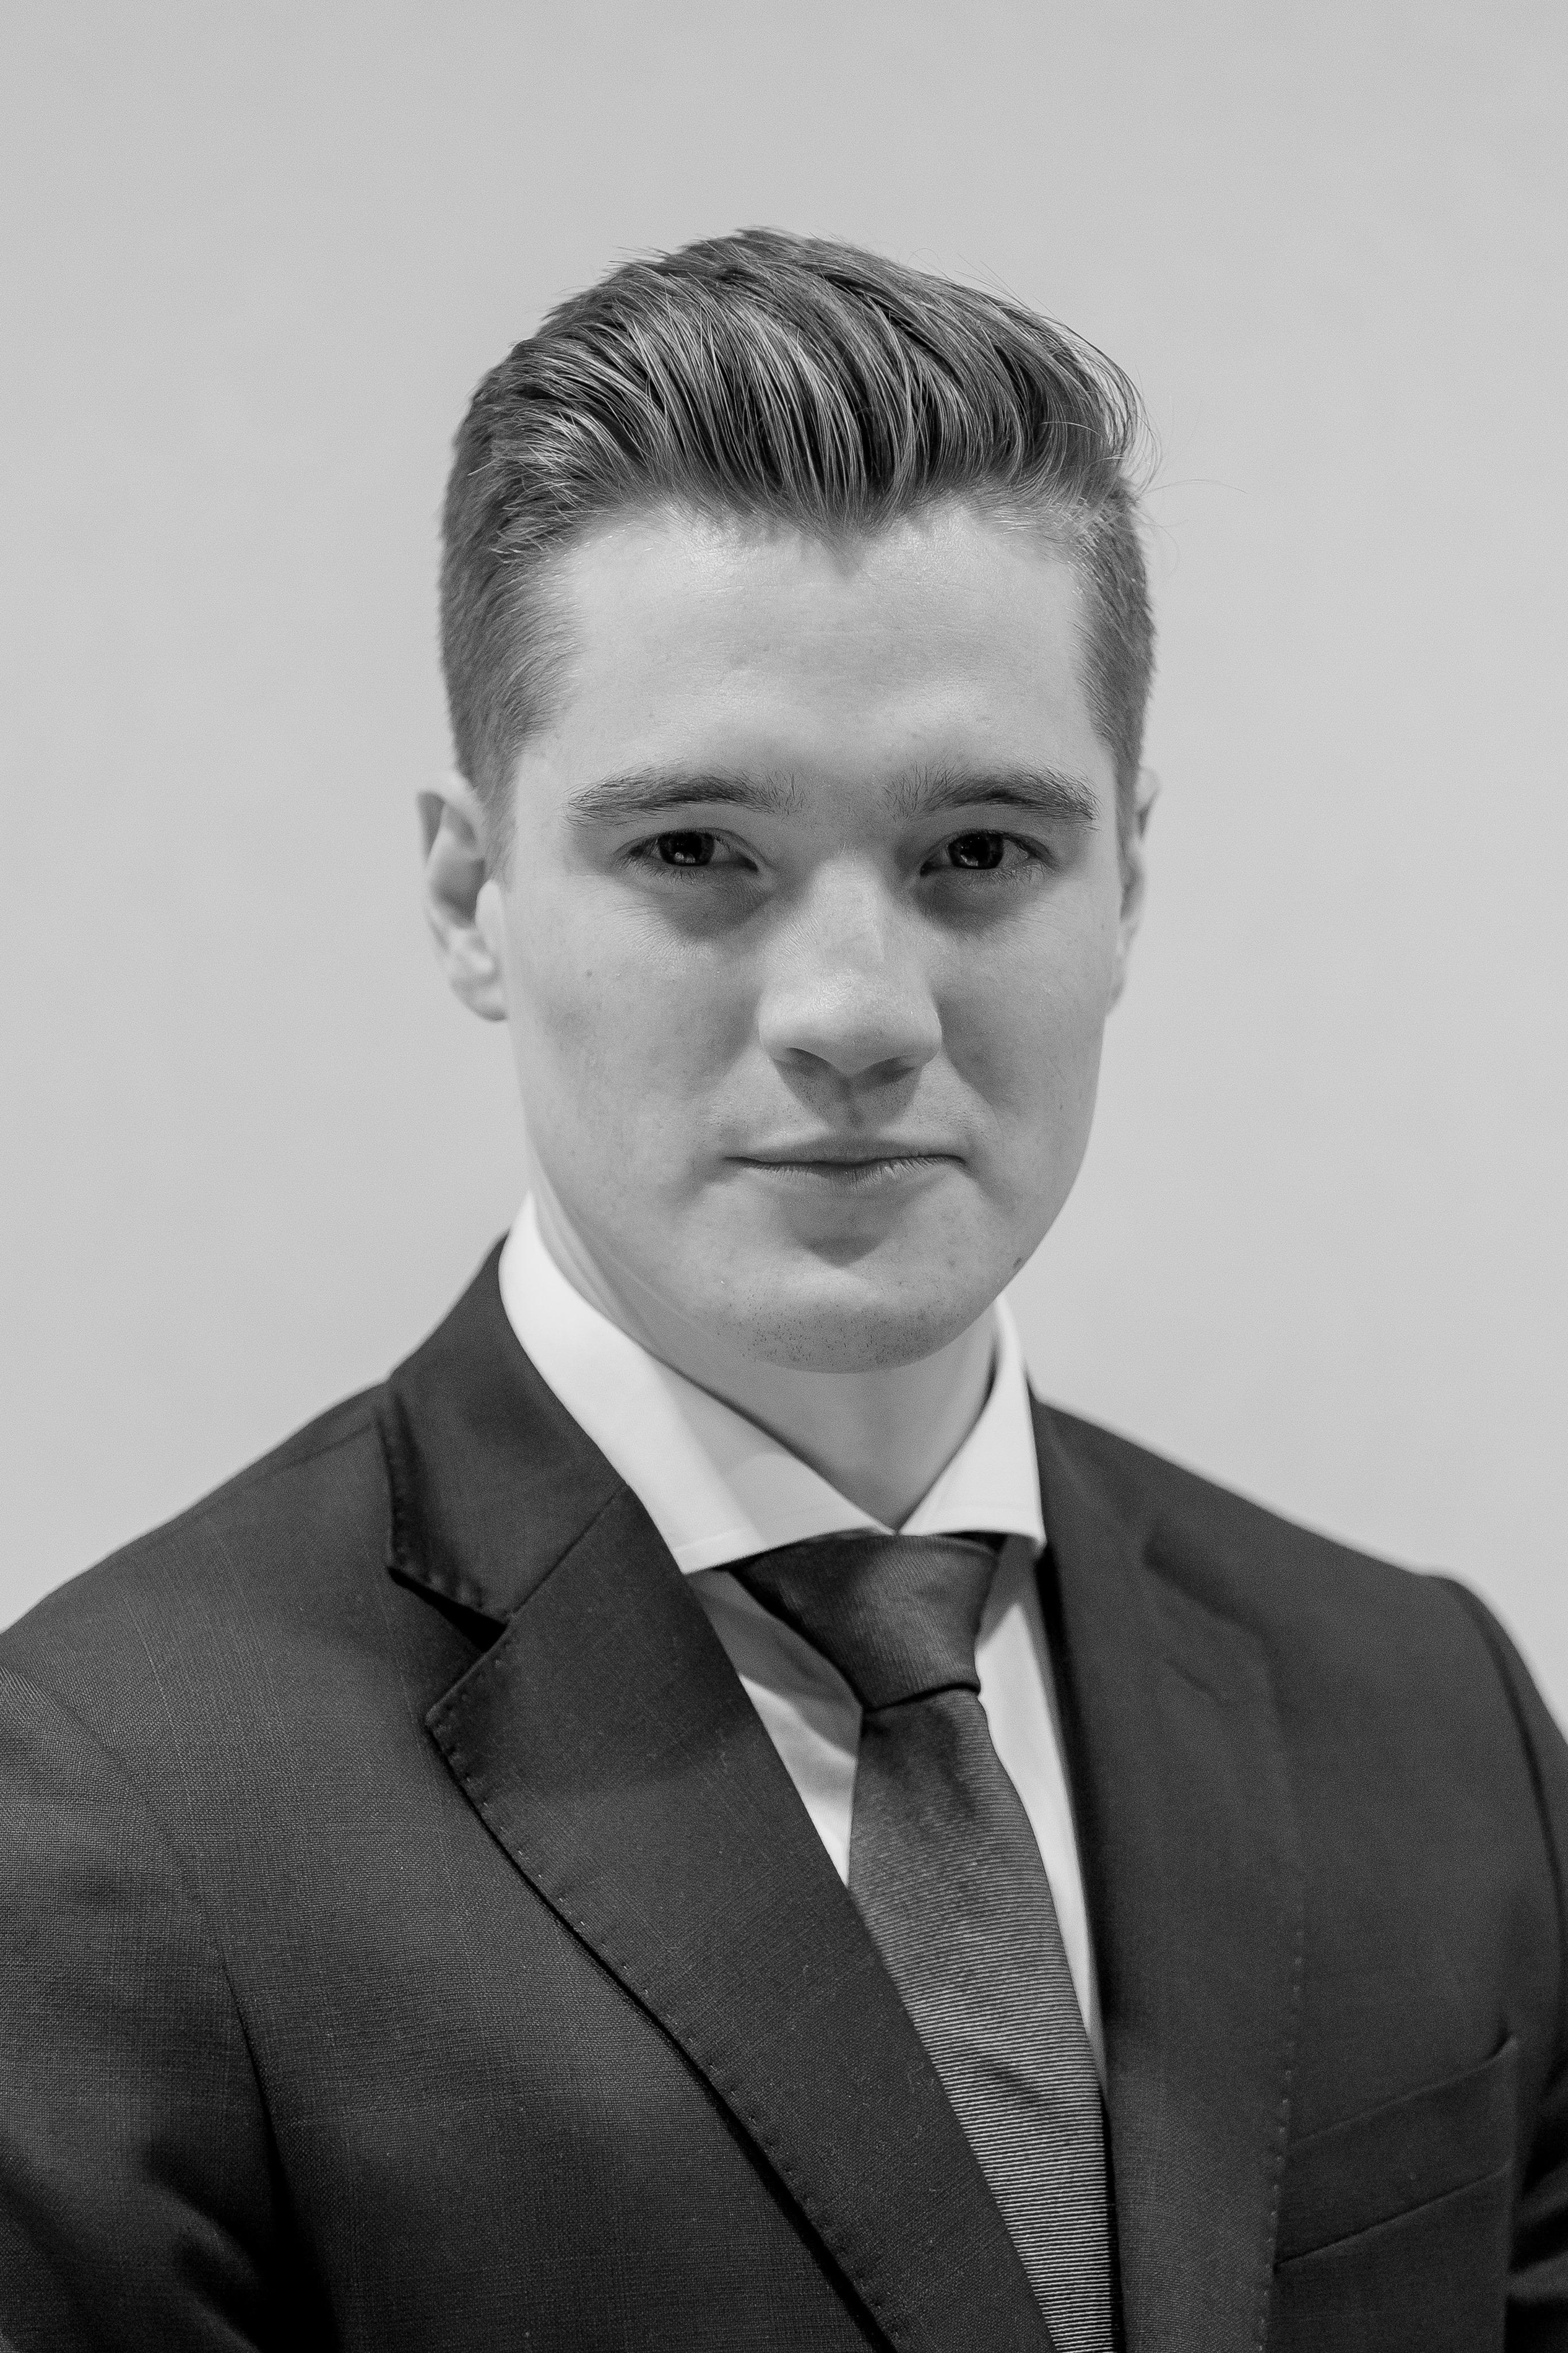 Rasmus Wicklund